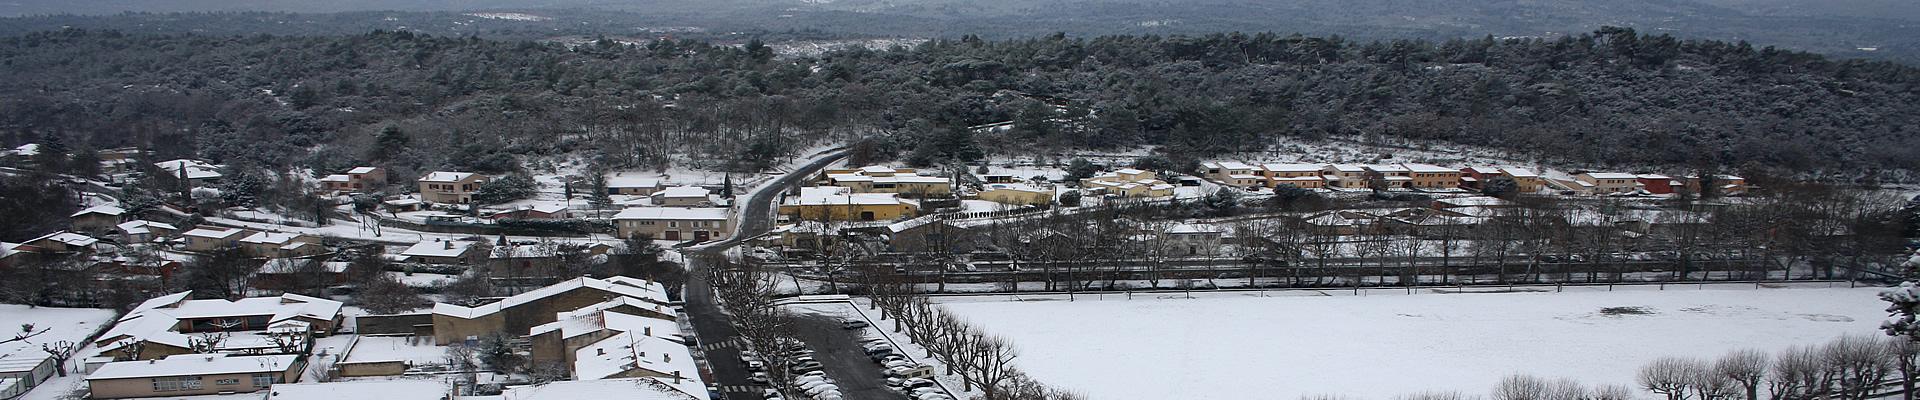 village-aerien-neige_IMG_3462